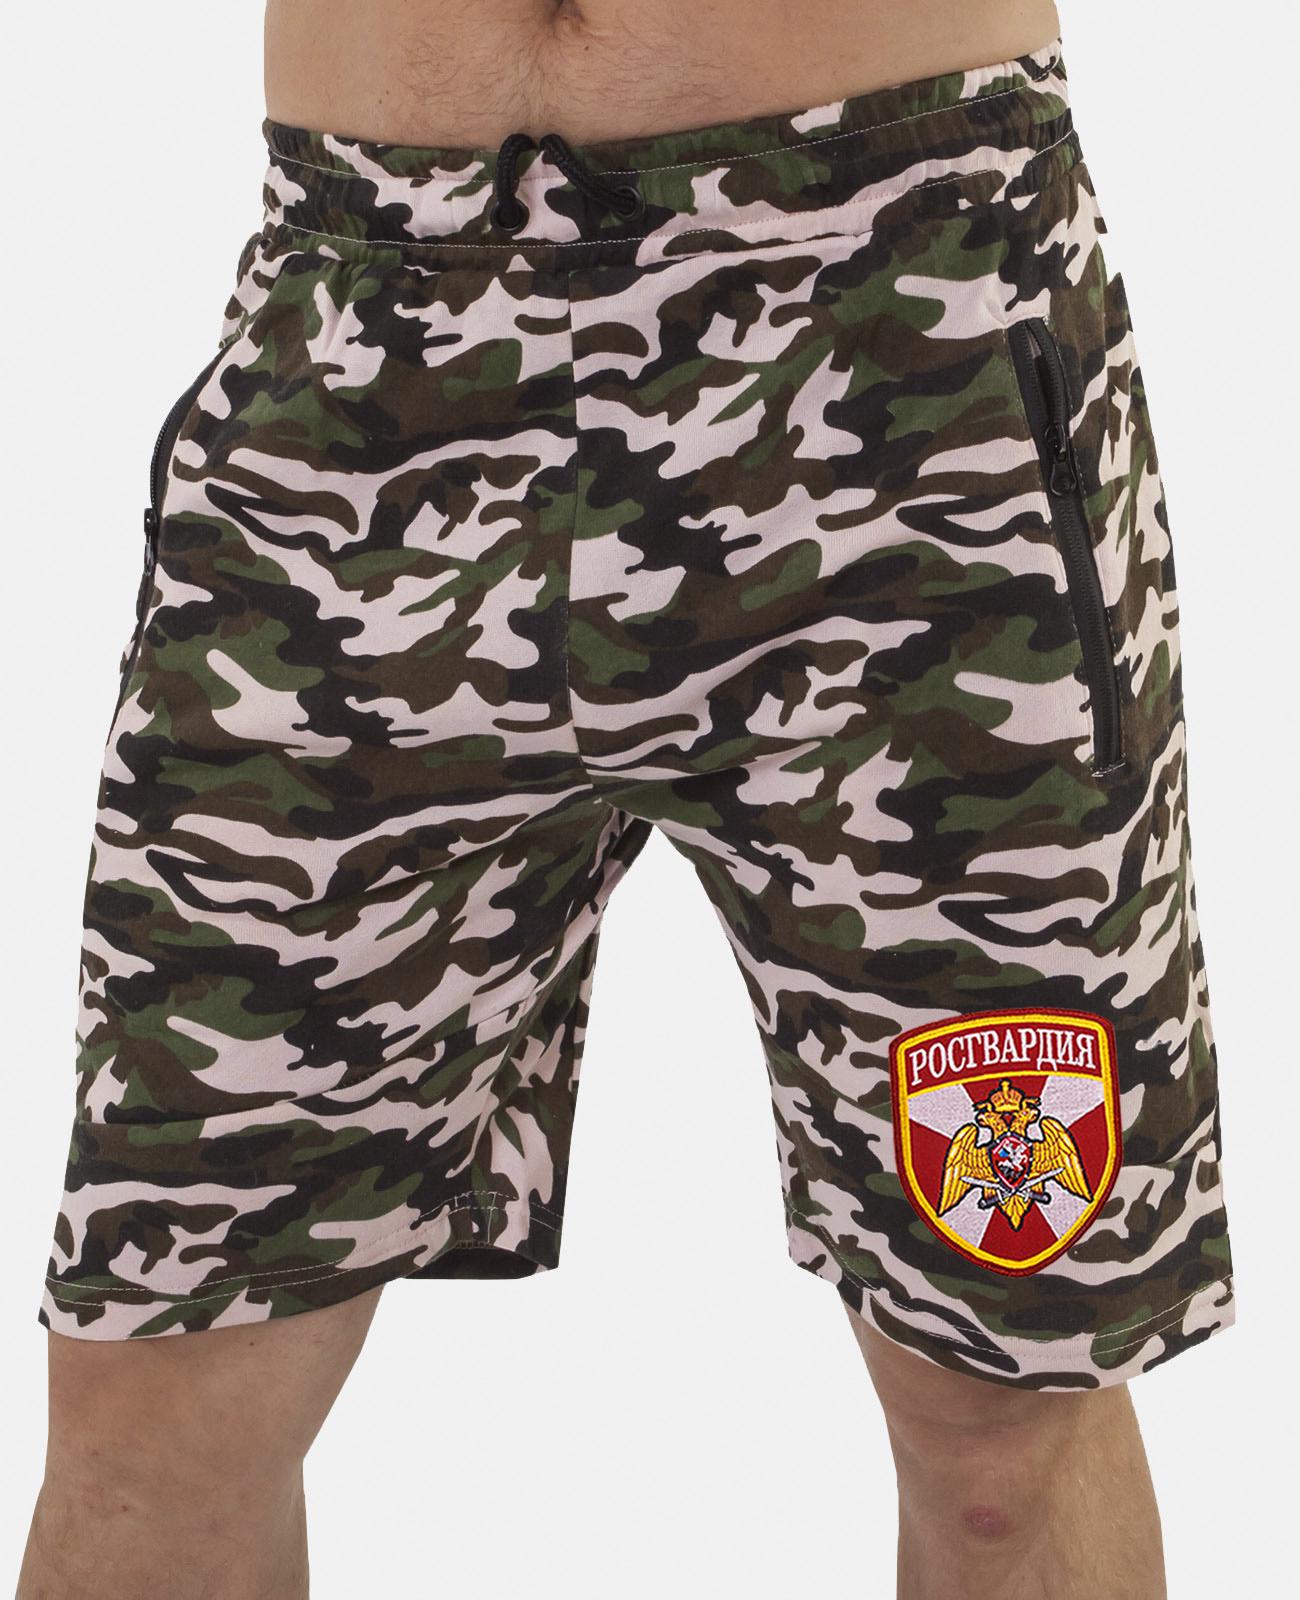 Купить армейские камуфляжные шорты с нашивкой Росгвардия оптом или в розницу